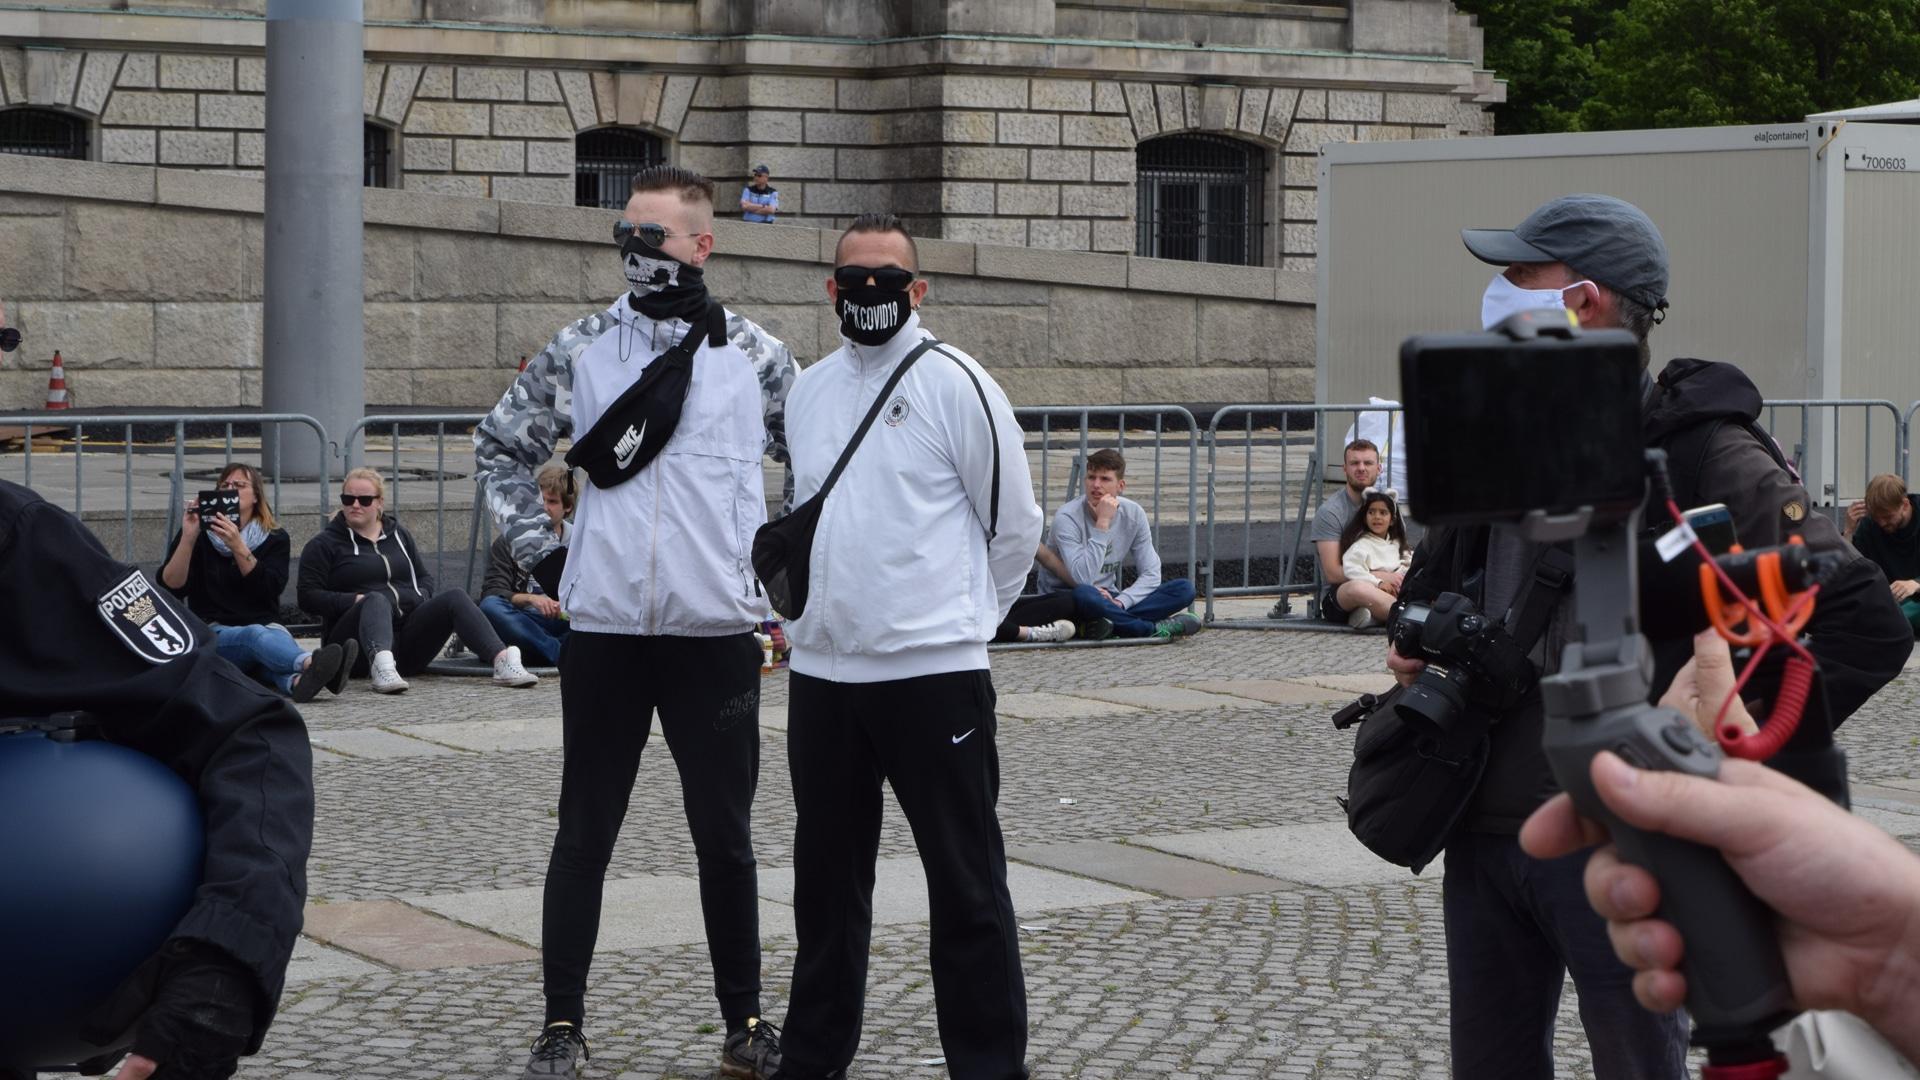 """Manche finden die Maßnahmen überzogen und üben legitime Kritik, andere hängen sogar Verschwörungstheorien an: Demonstranten auf einer """"Corona-Demo"""" in Berlin"""